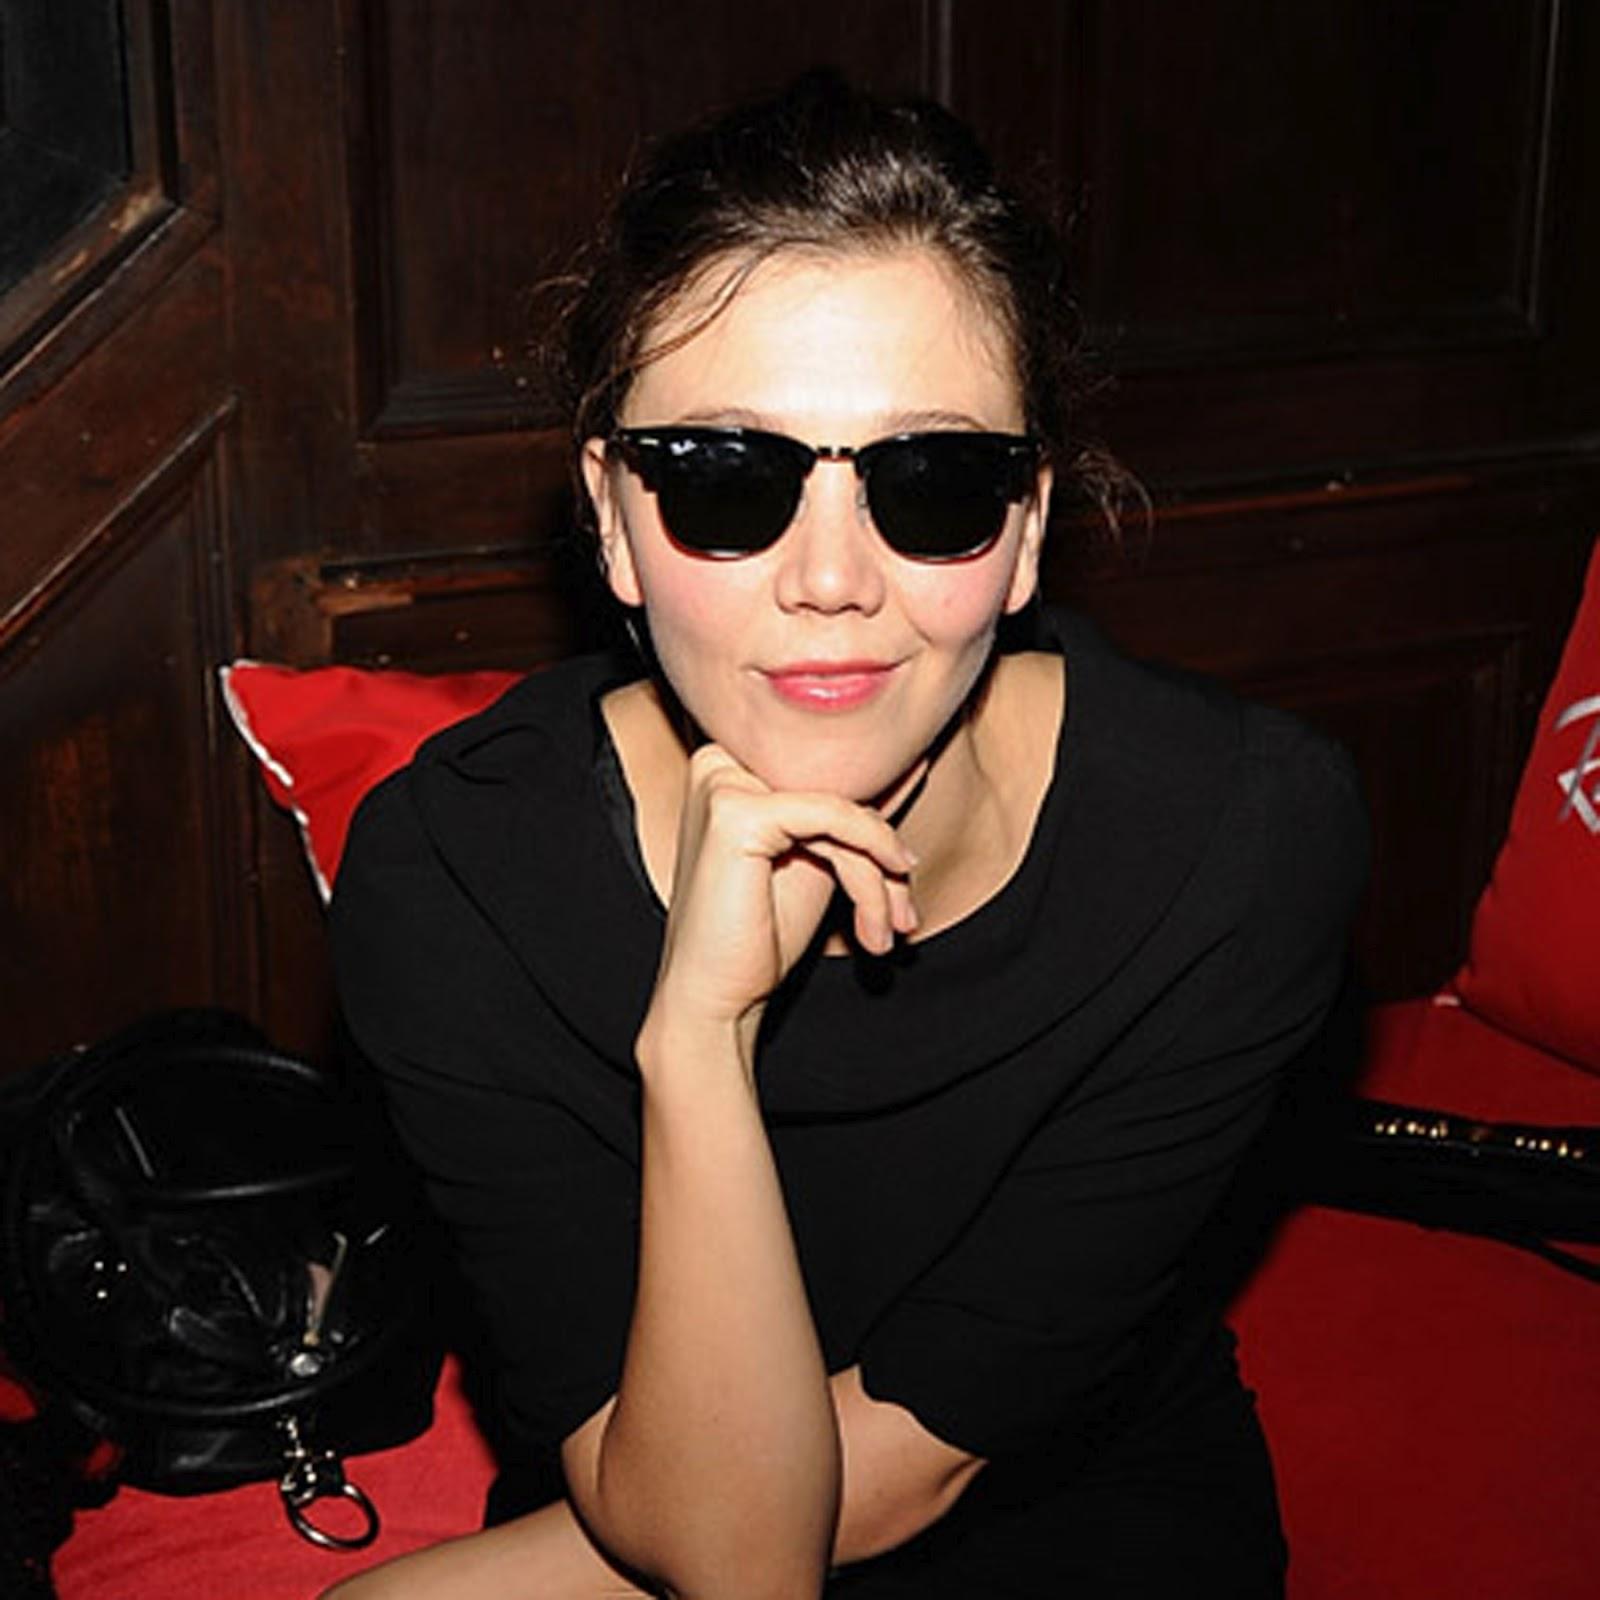 http://3.bp.blogspot.com/-WY4GgB7DiLc/T2dyFm9keDI/AAAAAAAADBk/xSFQNK8stcY/s1600/MaggieGyllenhaal.jpg